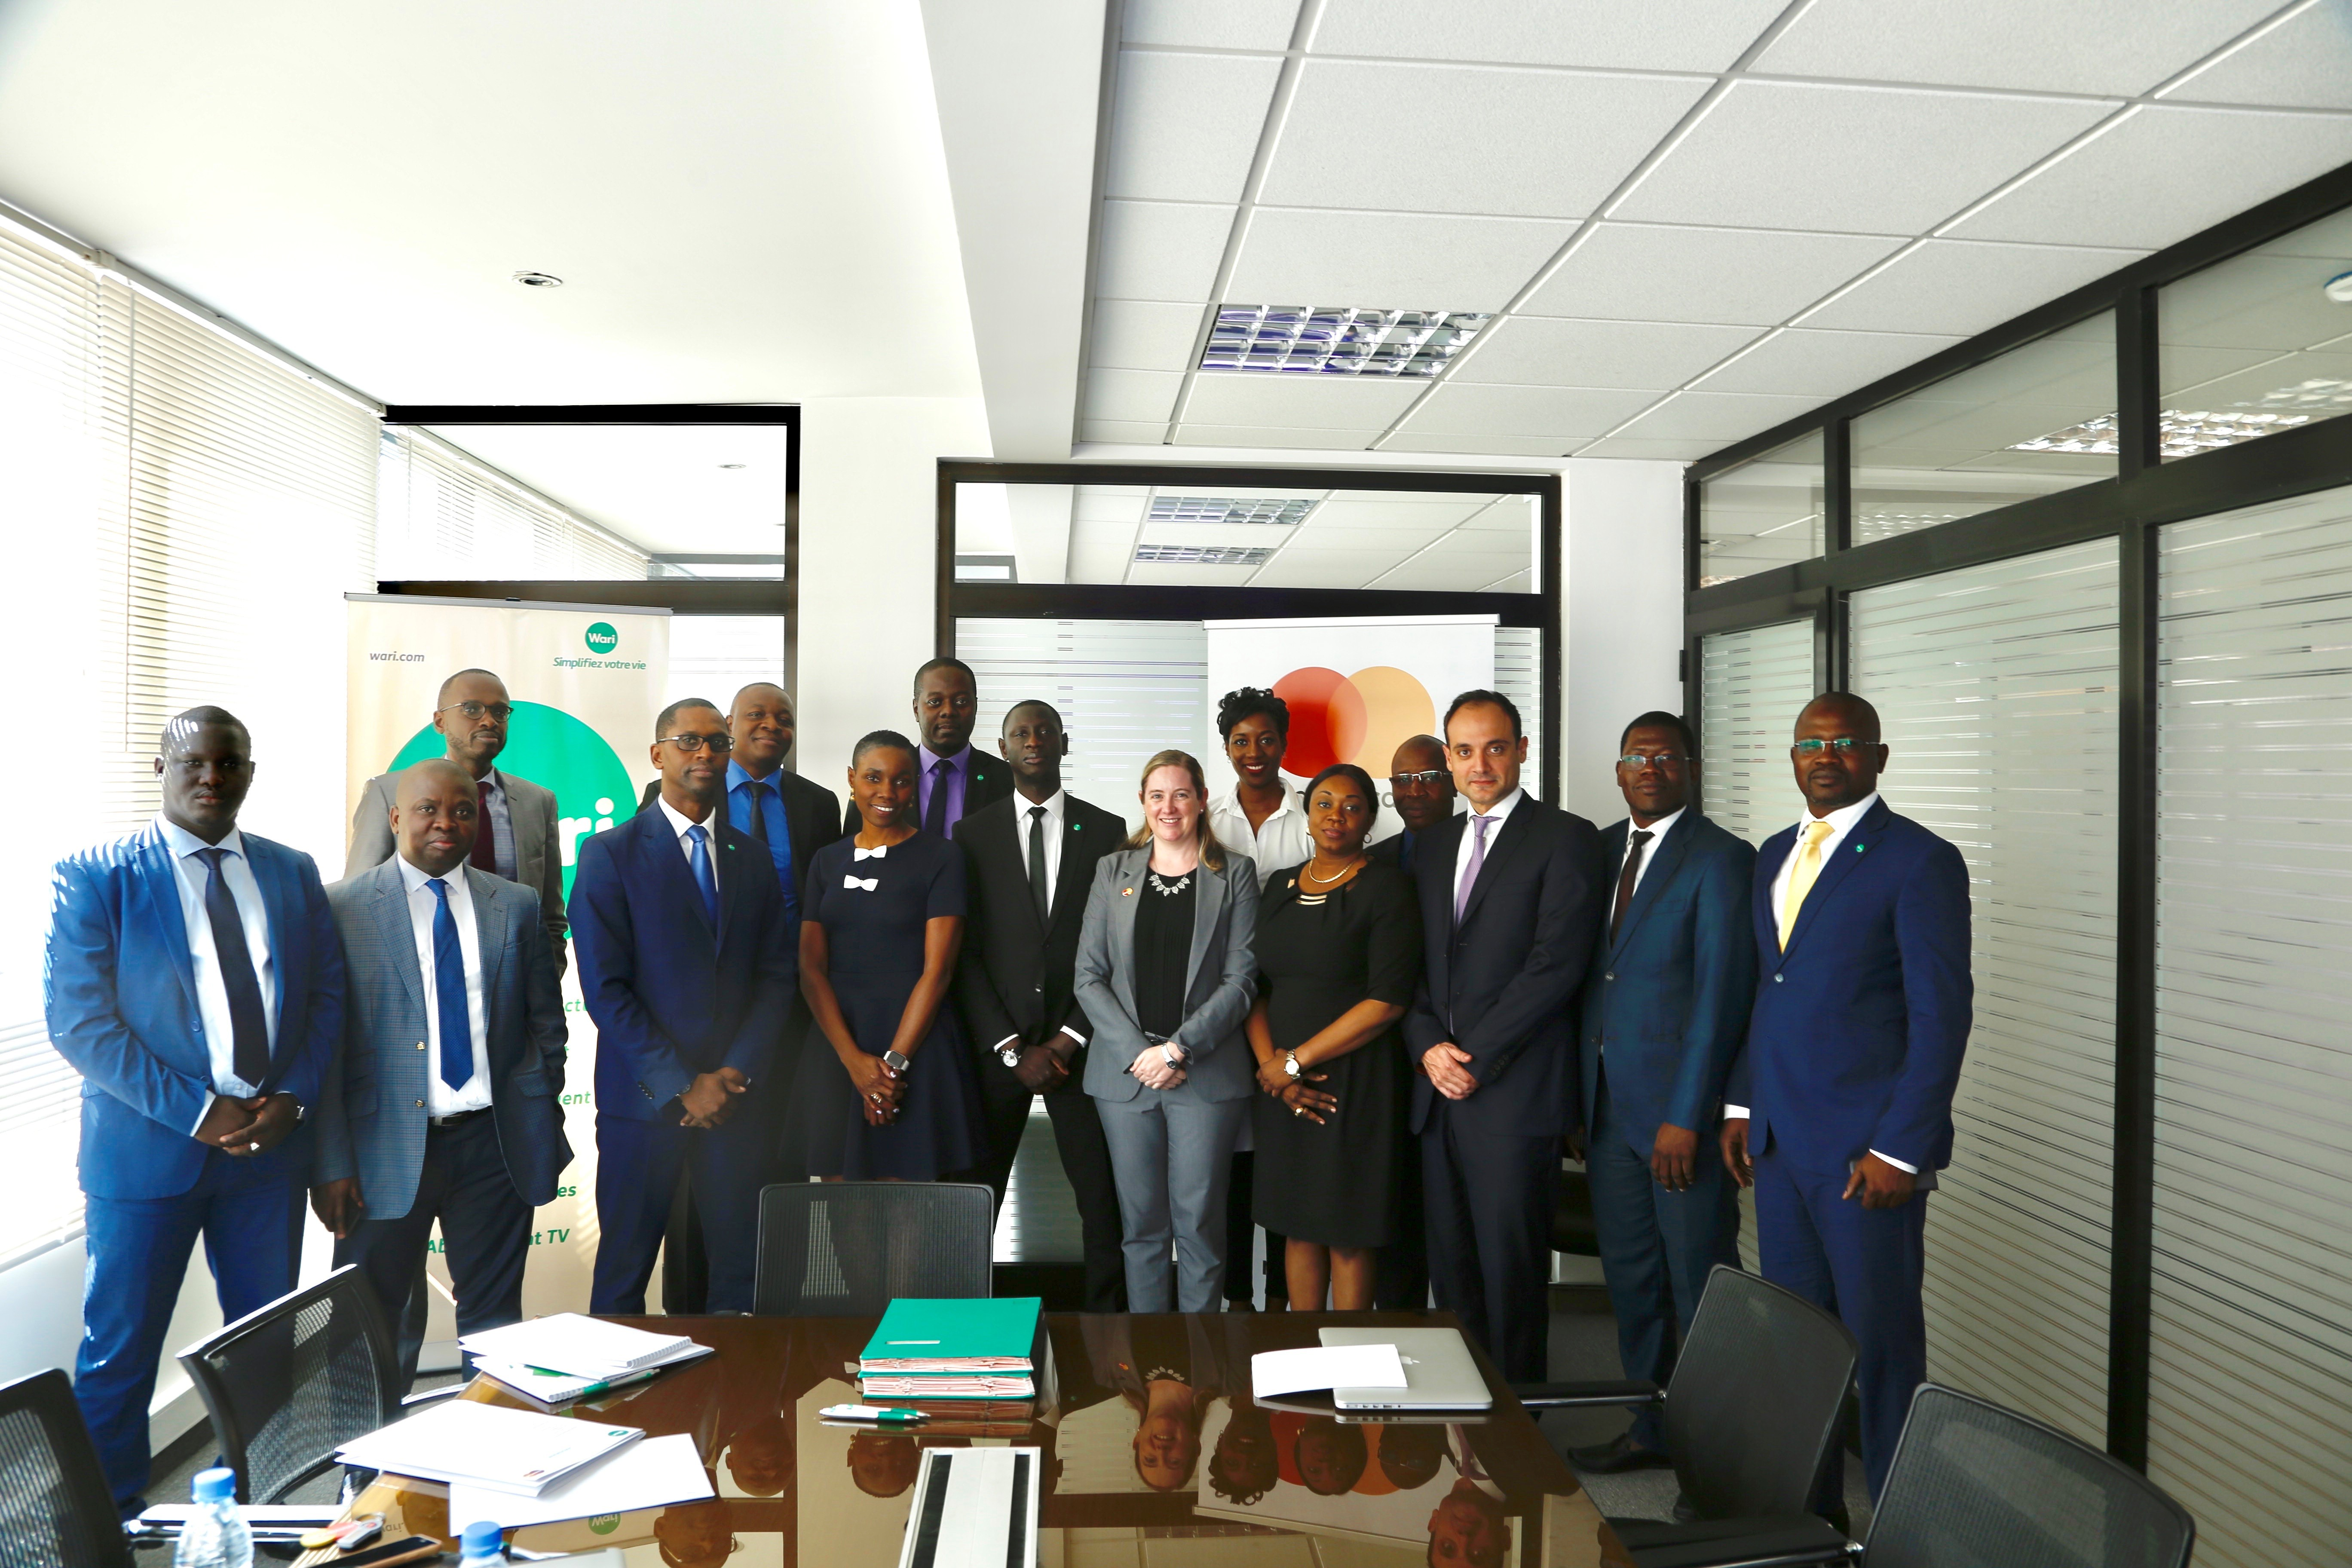 Alliance entre Wari et Mastercard, pour renforcer l'écosystème de paiement numérique